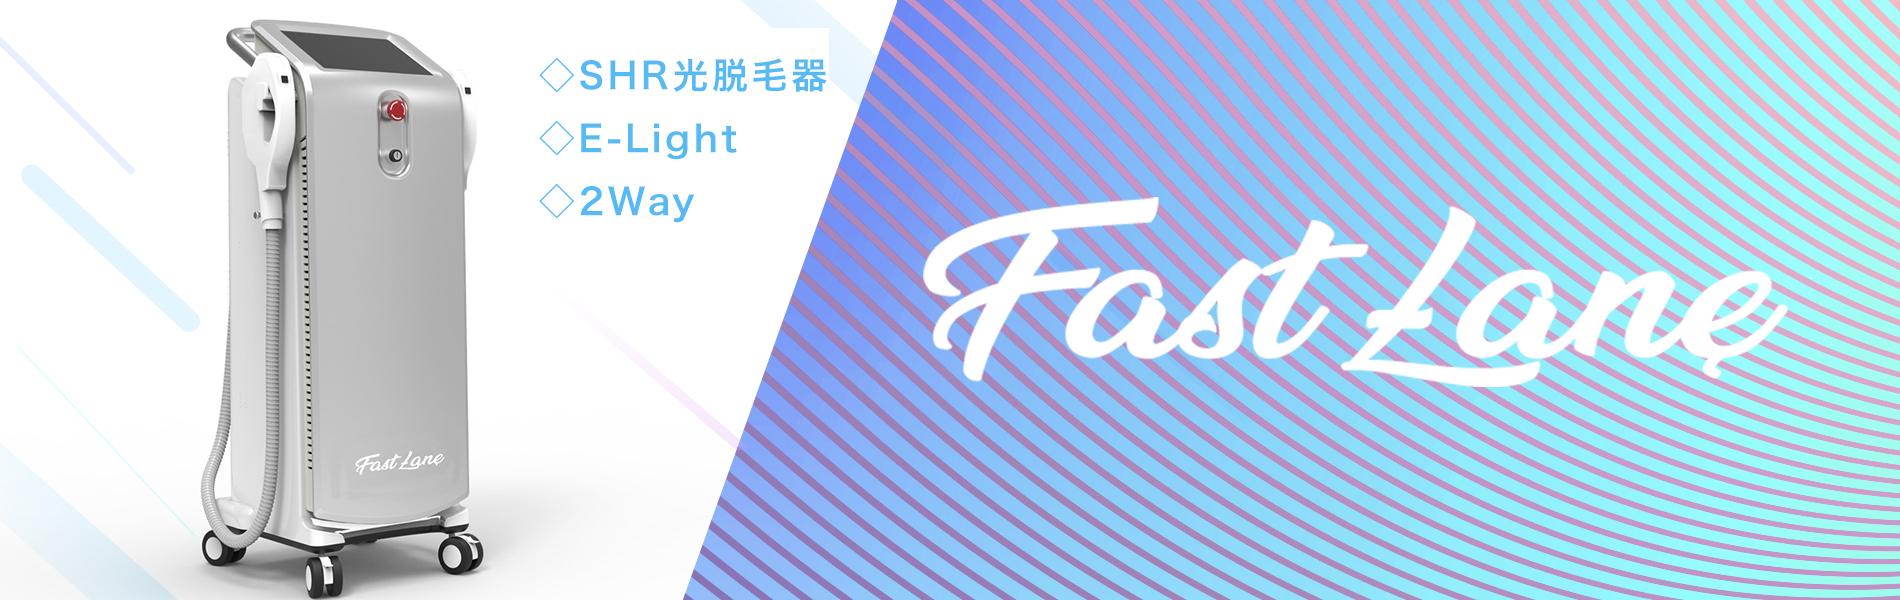 SHR光脱毛器 Fast Lane新登場!